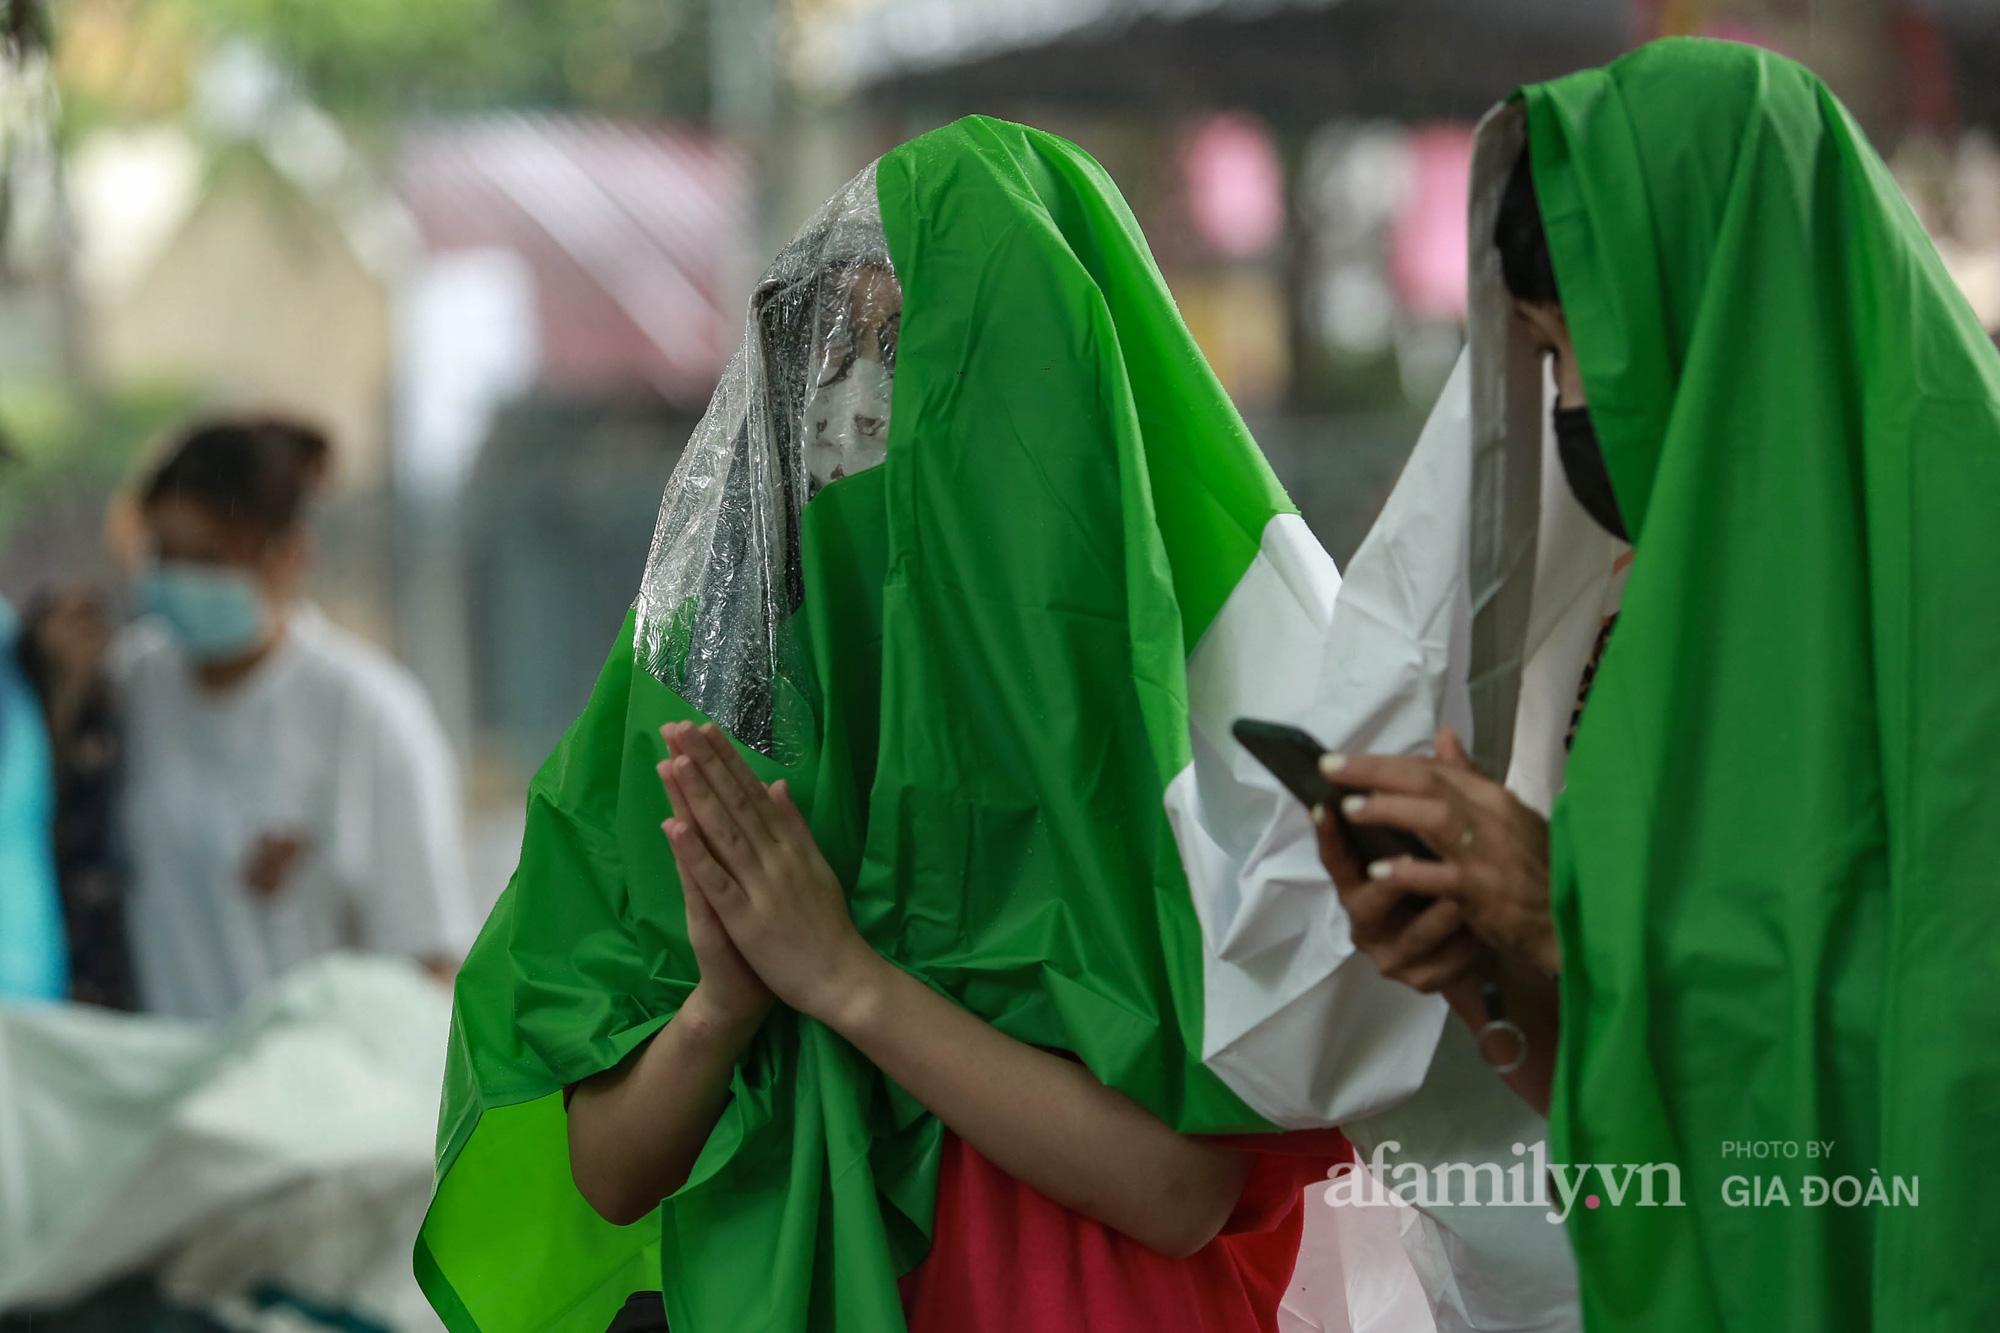 Sĩ tử Hà Nội cùng phụ huynh đội mưa đi lễ cầu may trước ngày thi vào lớp 10-6